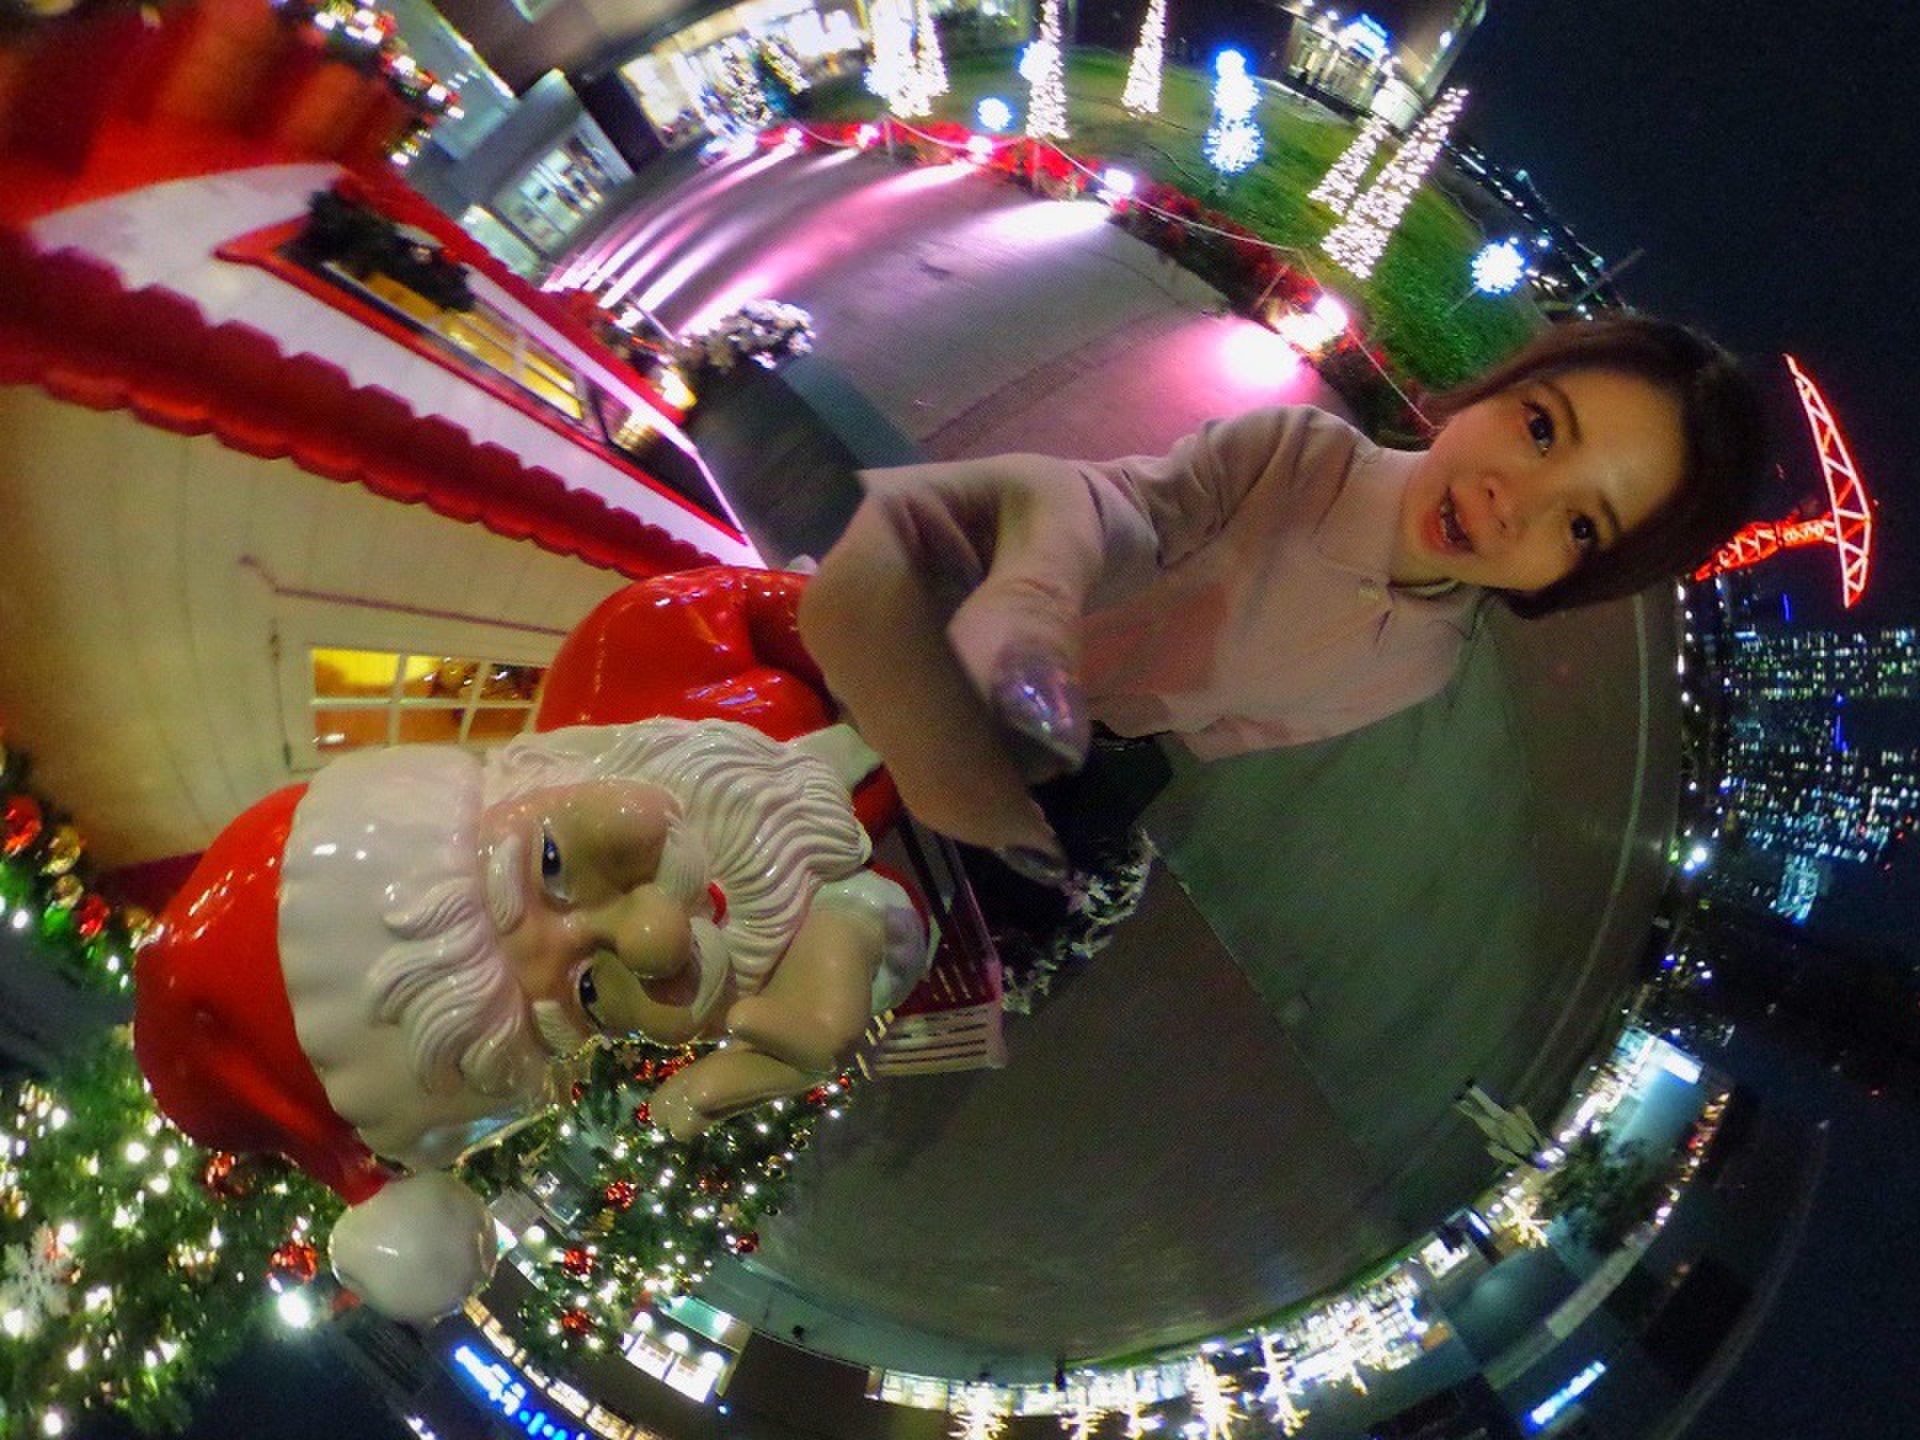 豊洲のイルミネーションを発見。可愛いクリスマスイルミと街並み♡おいしいご飯も食べて最高の夜♪